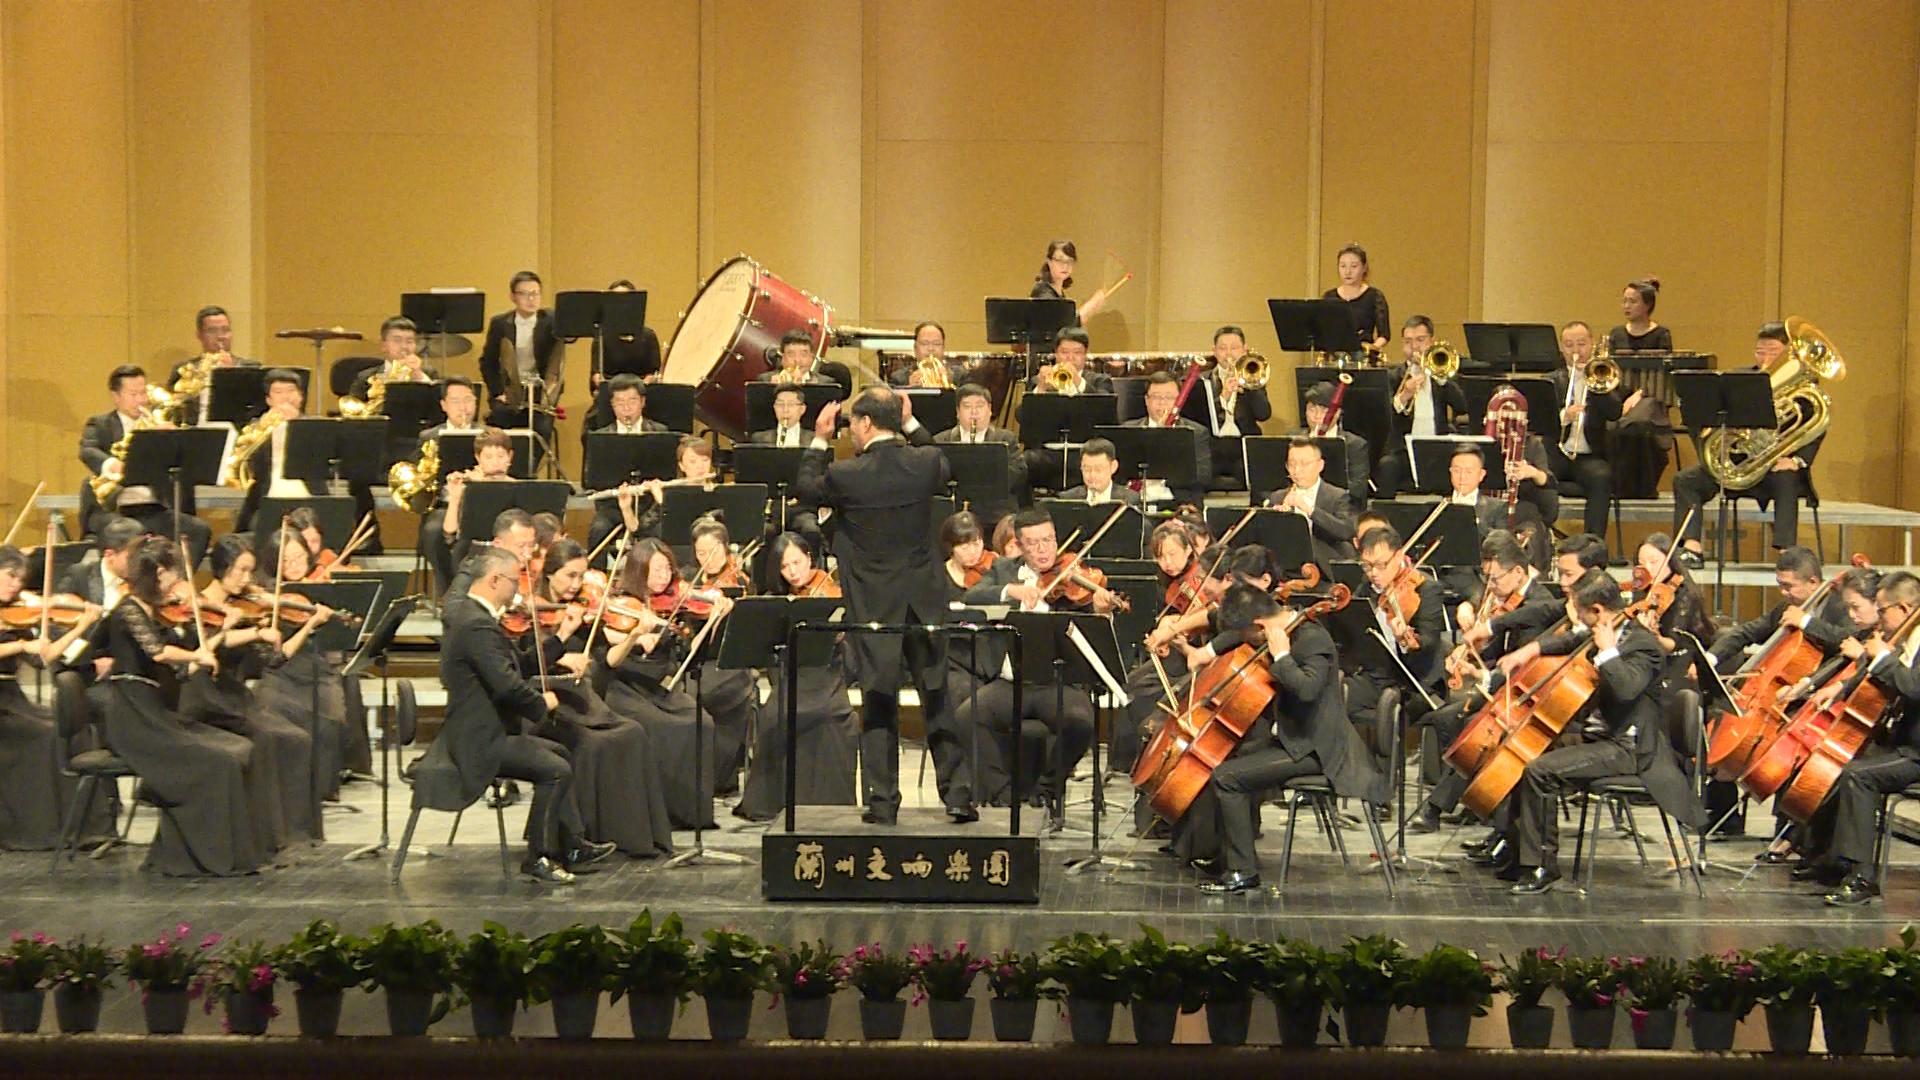 来欣赏柴科夫斯基的传世之作《洛可可主题变奏曲》